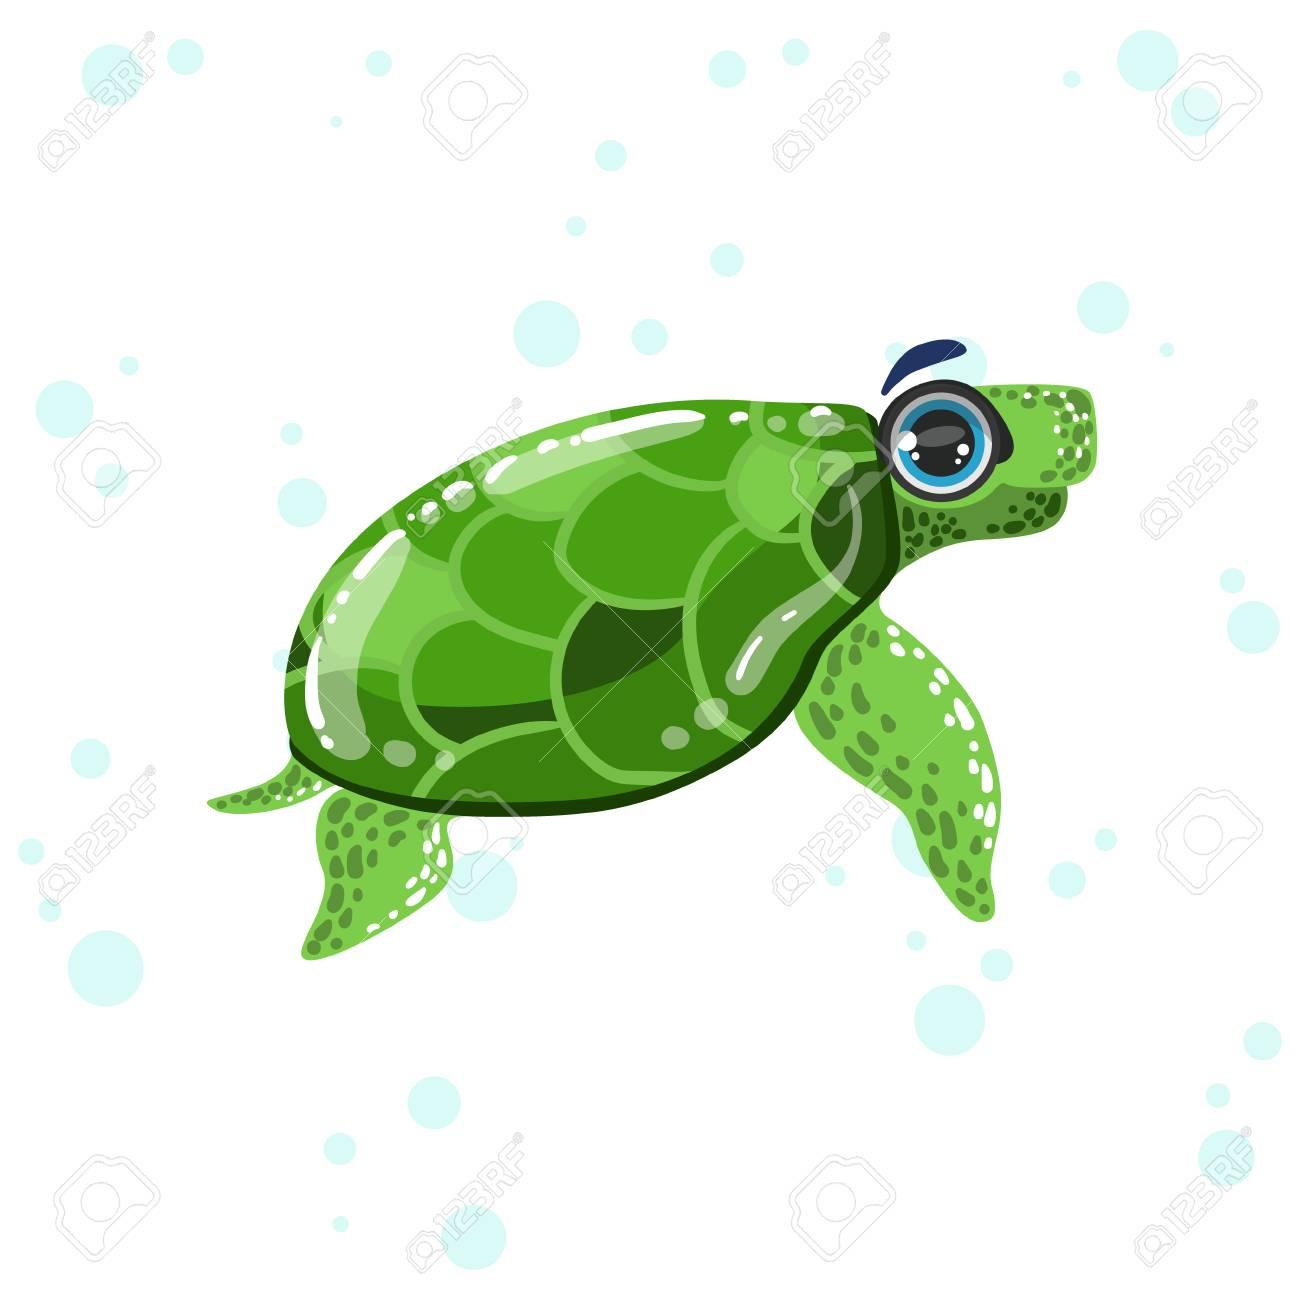 Ilustración De La Tortuga Verde Brillante Color Estilo De Dibujos